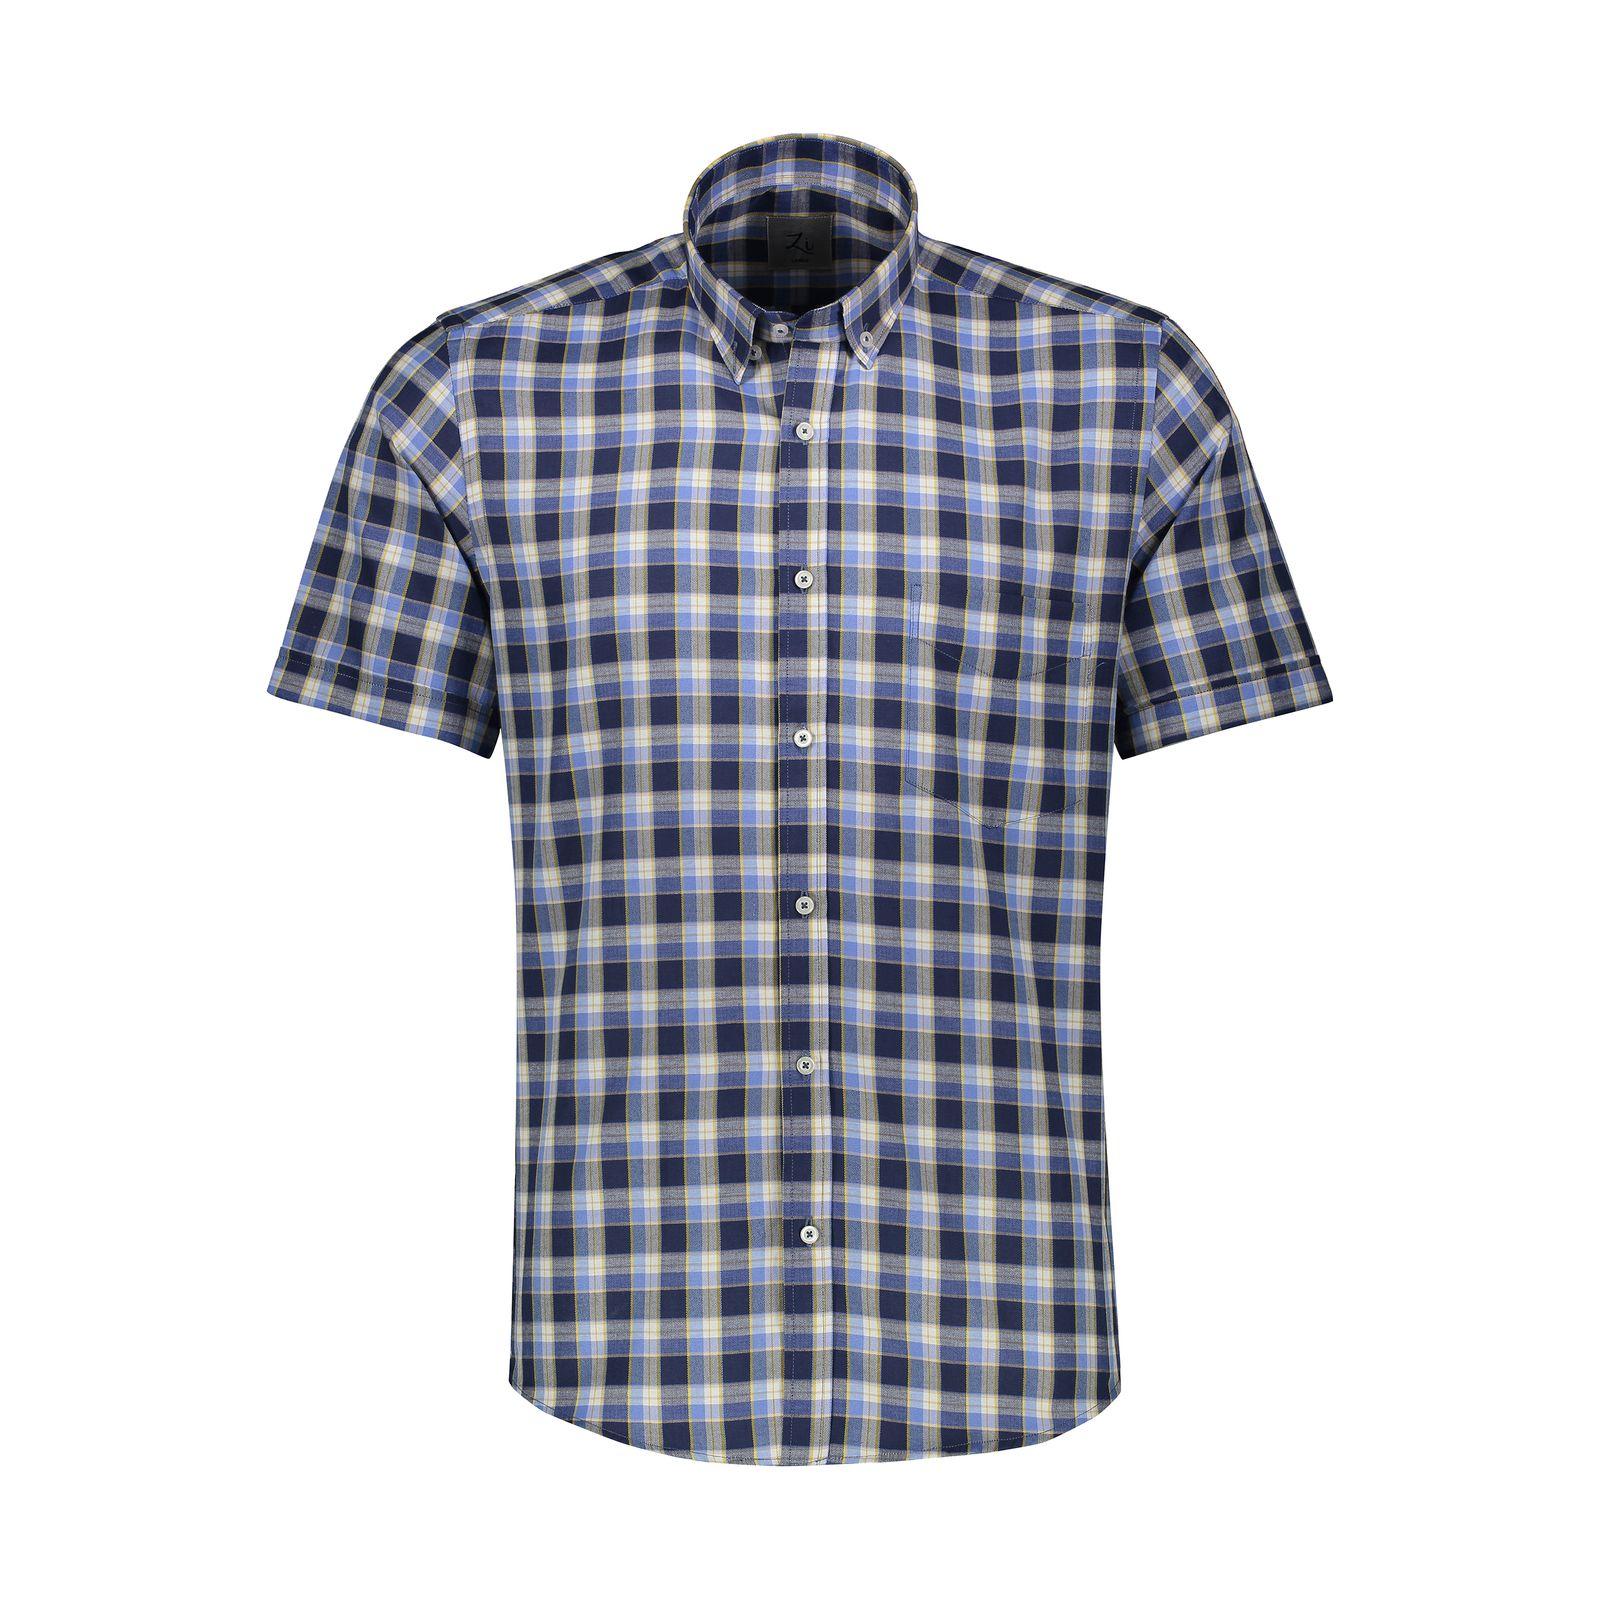 پیراهن مردانه زی مدل 1531226MC -  - 2